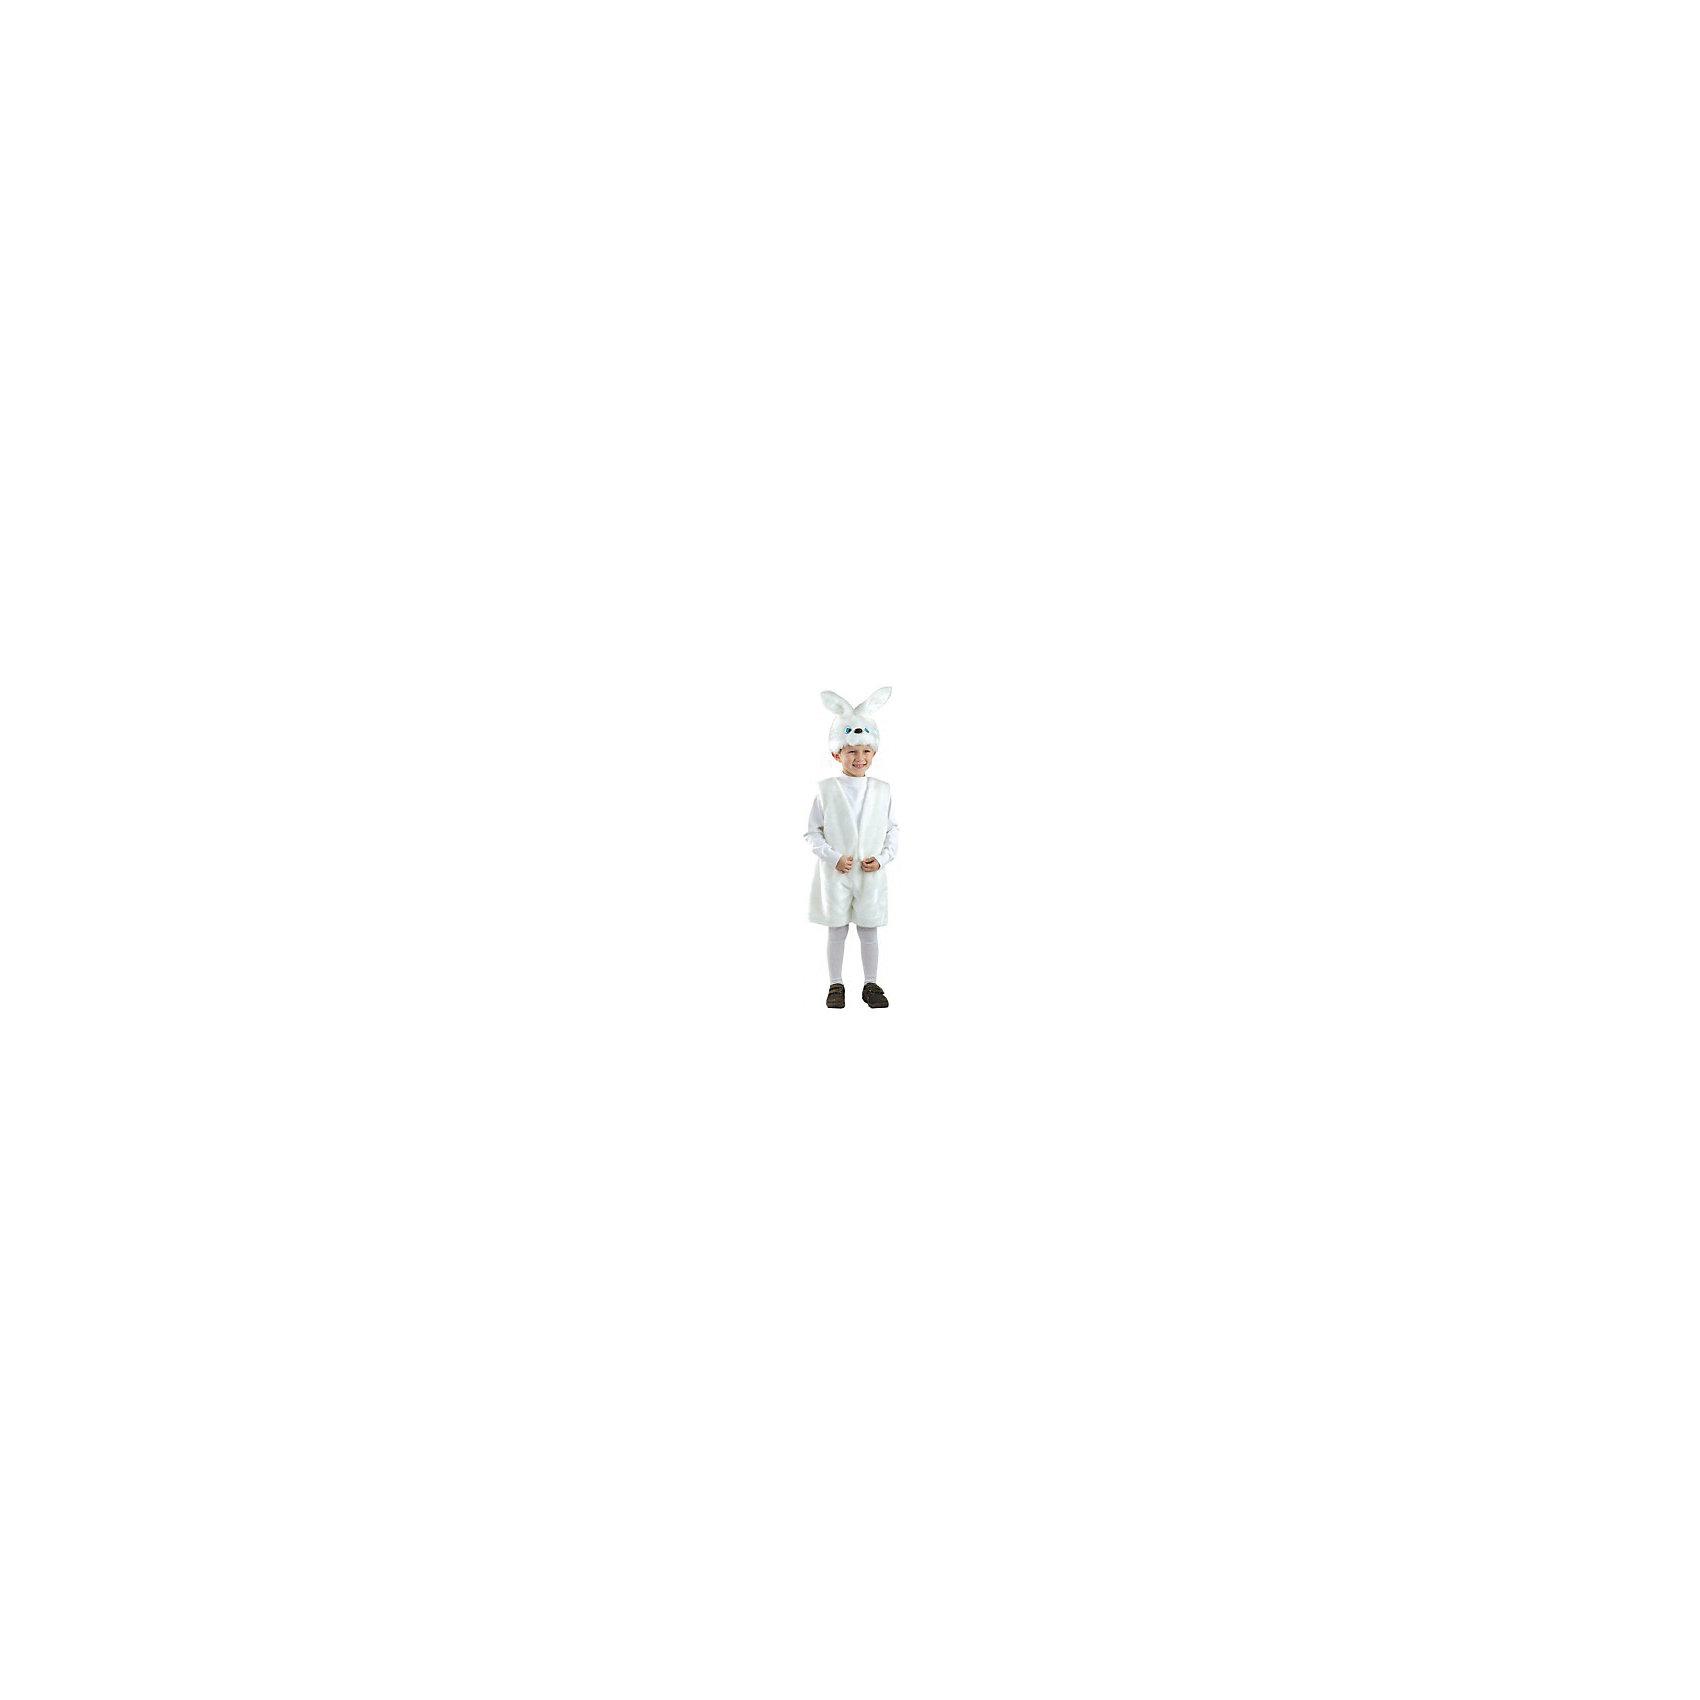 Карнавальный костюм Заяц Ушастик, БатикКарнавальный костюм Заяц Ушастик, Батик<br><br>Характеристики:<br><br>• Материал: искусственный мех.<br>• Цвет: белый.<br><br>В комплекте:<br><br>• шорты;<br>• жилет;<br>• шапка – маска.<br><br>Карнавальный костюм для мальчиков «Заяц Ушастик» выполнен из белоснежного качественного искусственного меха. Костюмчик Заяц Ушастик укомплектован маской в виде мордочки зайца, шортами и жилеткой. В таком карнавальном костюме, «Заяц Ушастик»,  ваш мальчик получит максимальное удовольствие от праздника и подарит радость окружающим!<br><br>Карнавальный костюм Заяц Ушастик, Батик можно купить в нашем интернет – магазине.<br><br>Ширина мм: 500<br>Глубина мм: 50<br>Высота мм: 700<br>Вес г: 600<br>Цвет: разноцветный<br>Возраст от месяцев: 84<br>Возраст до месяцев: 108<br>Пол: Мужской<br>Возраст: Детский<br>Размер: 32<br>SKU: 5092570